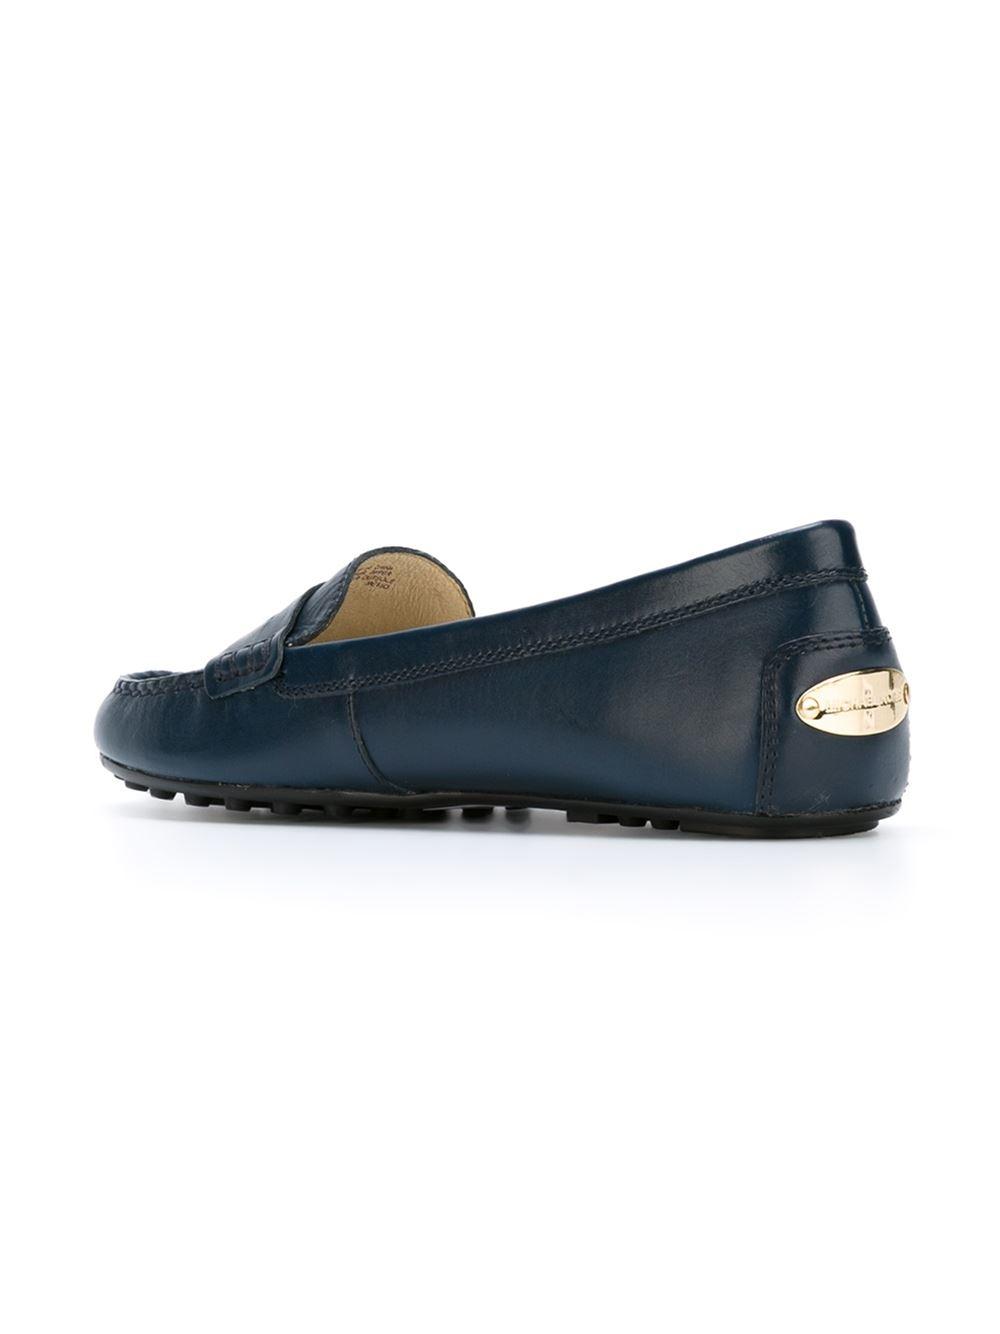 Otc5o8egWx Classic loafers G3cOaM